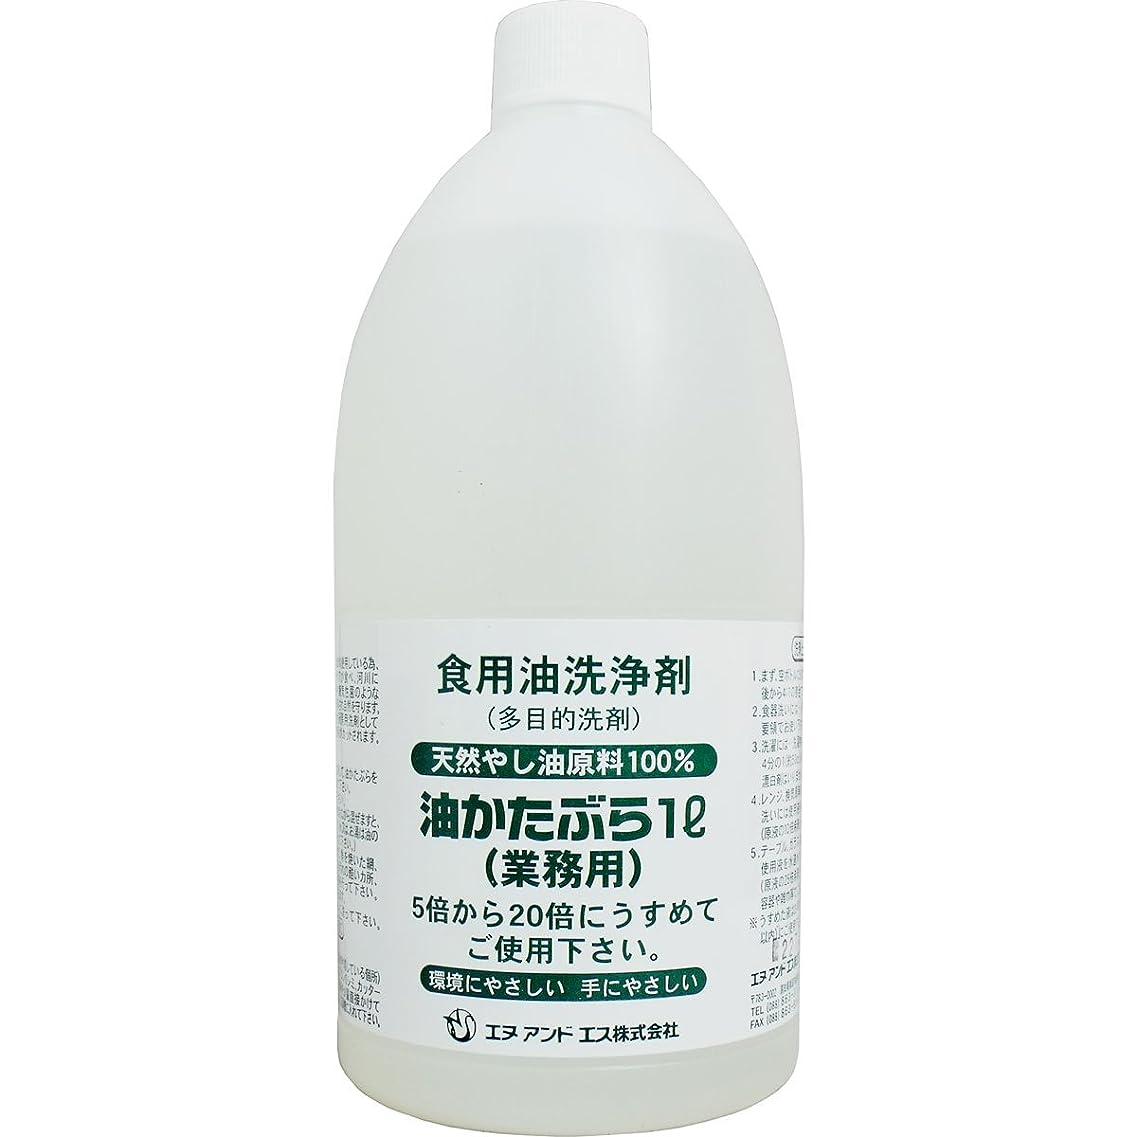 ビリーセマフォスリラー油かたぶら 業務用 1L